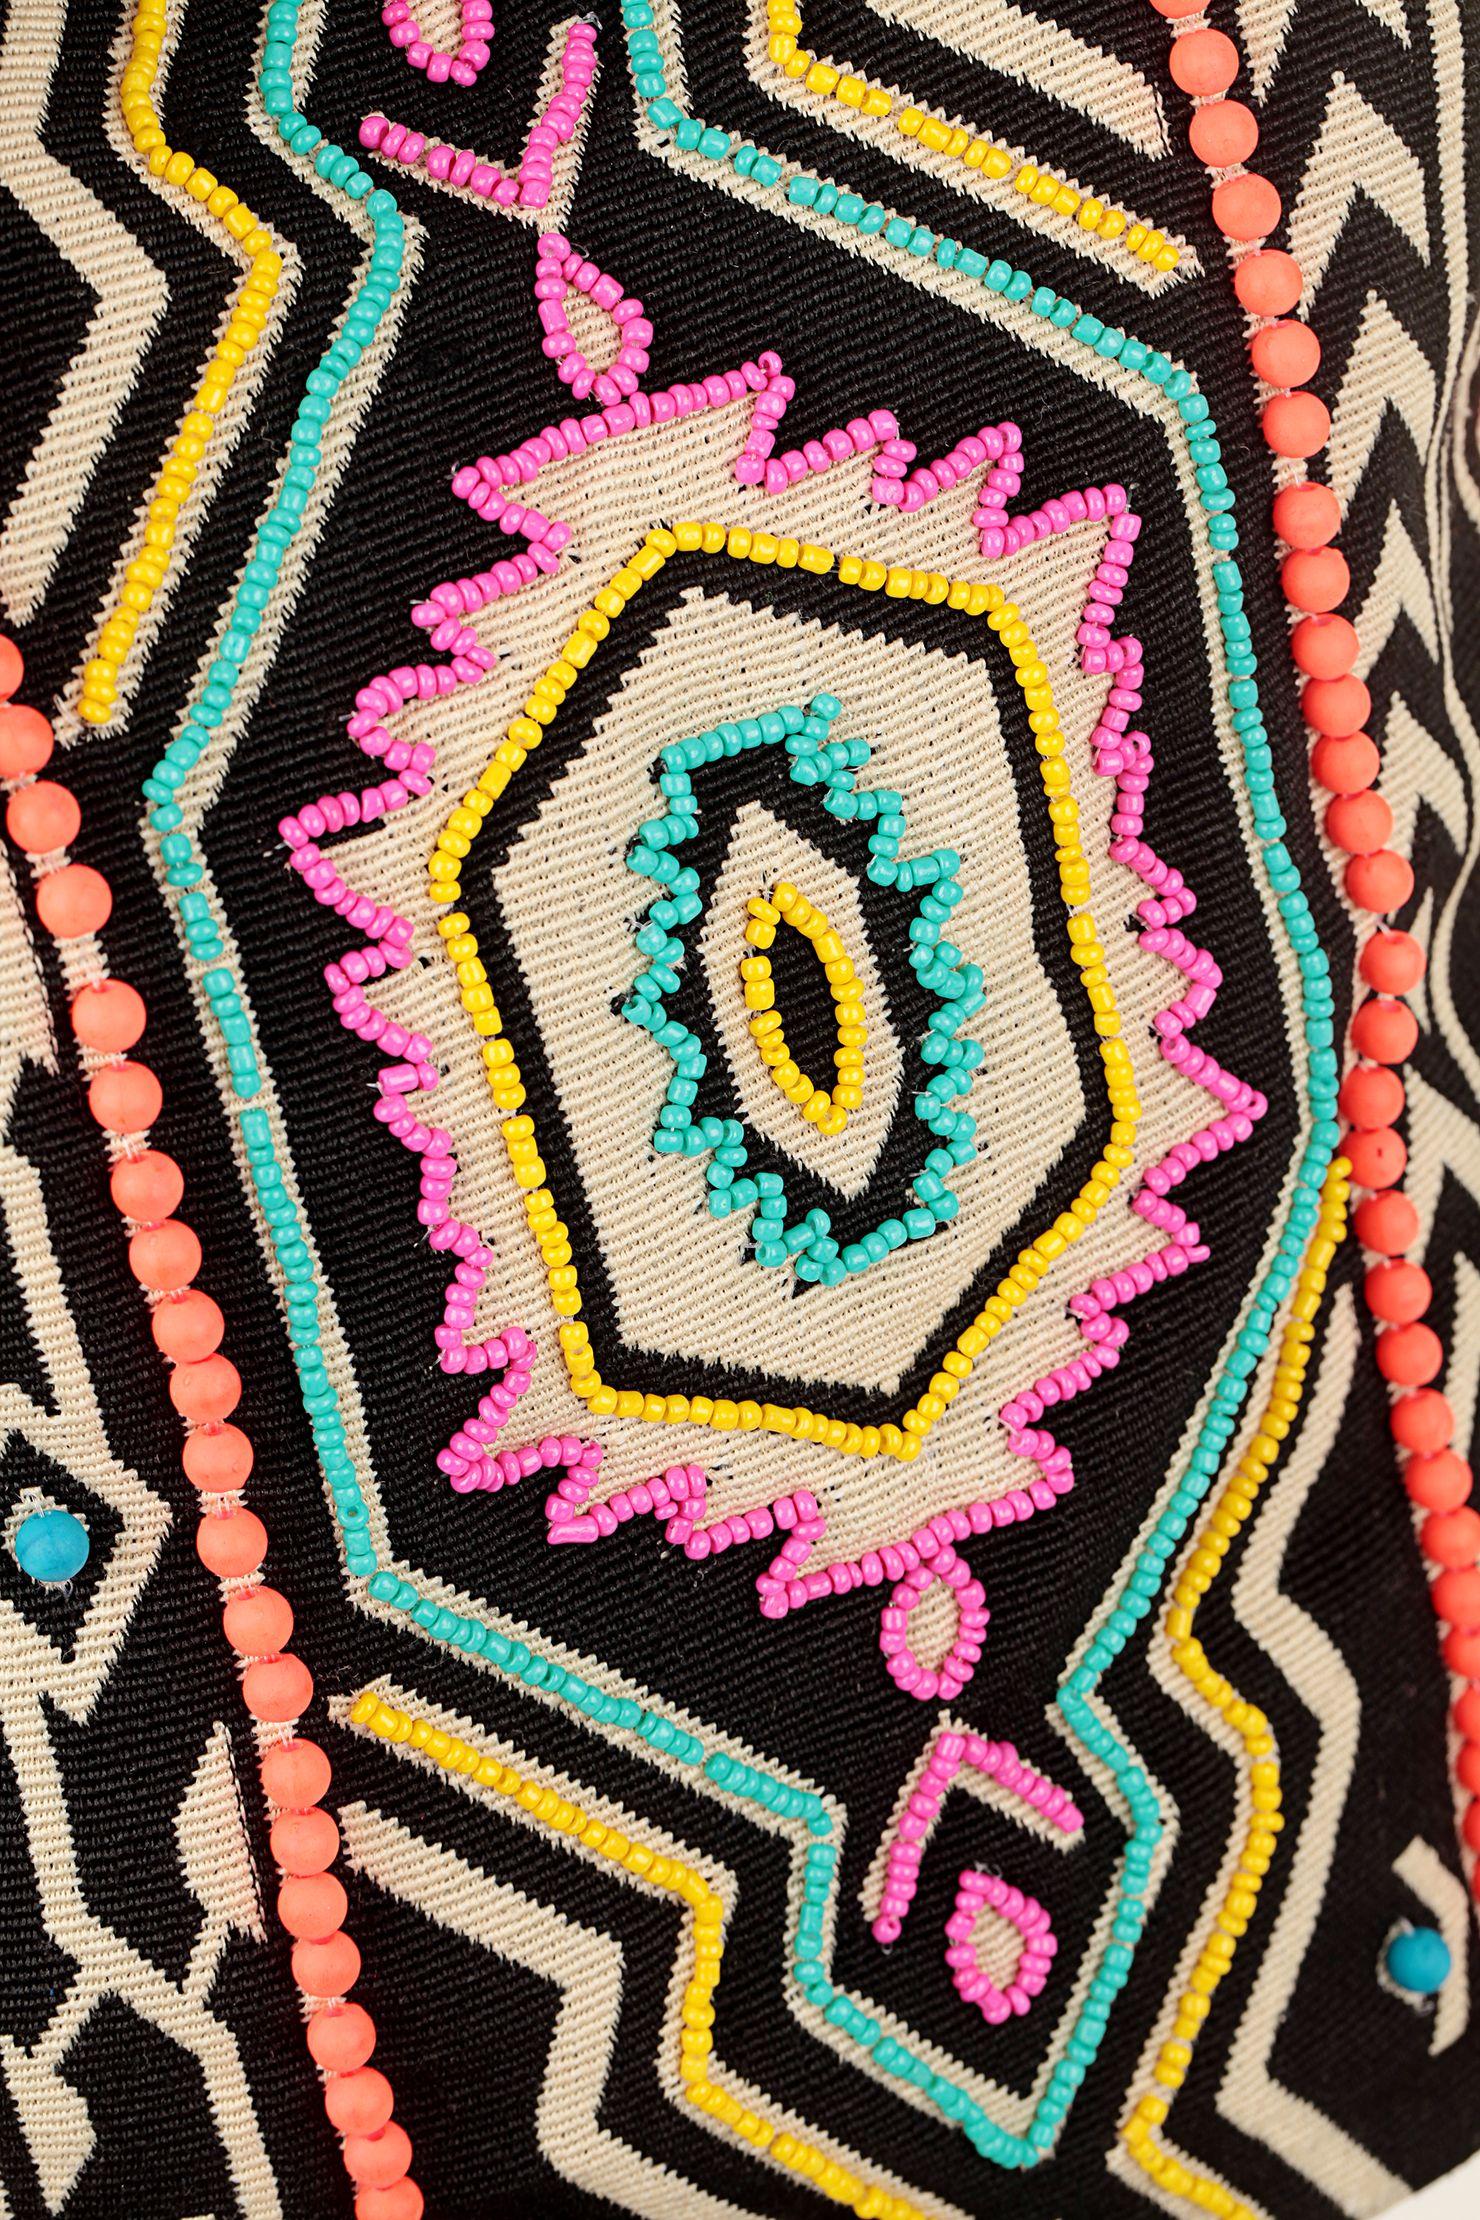 Sac seau noir broderies et perles Latifundium Derhy en promotion sur MonShowroom.com